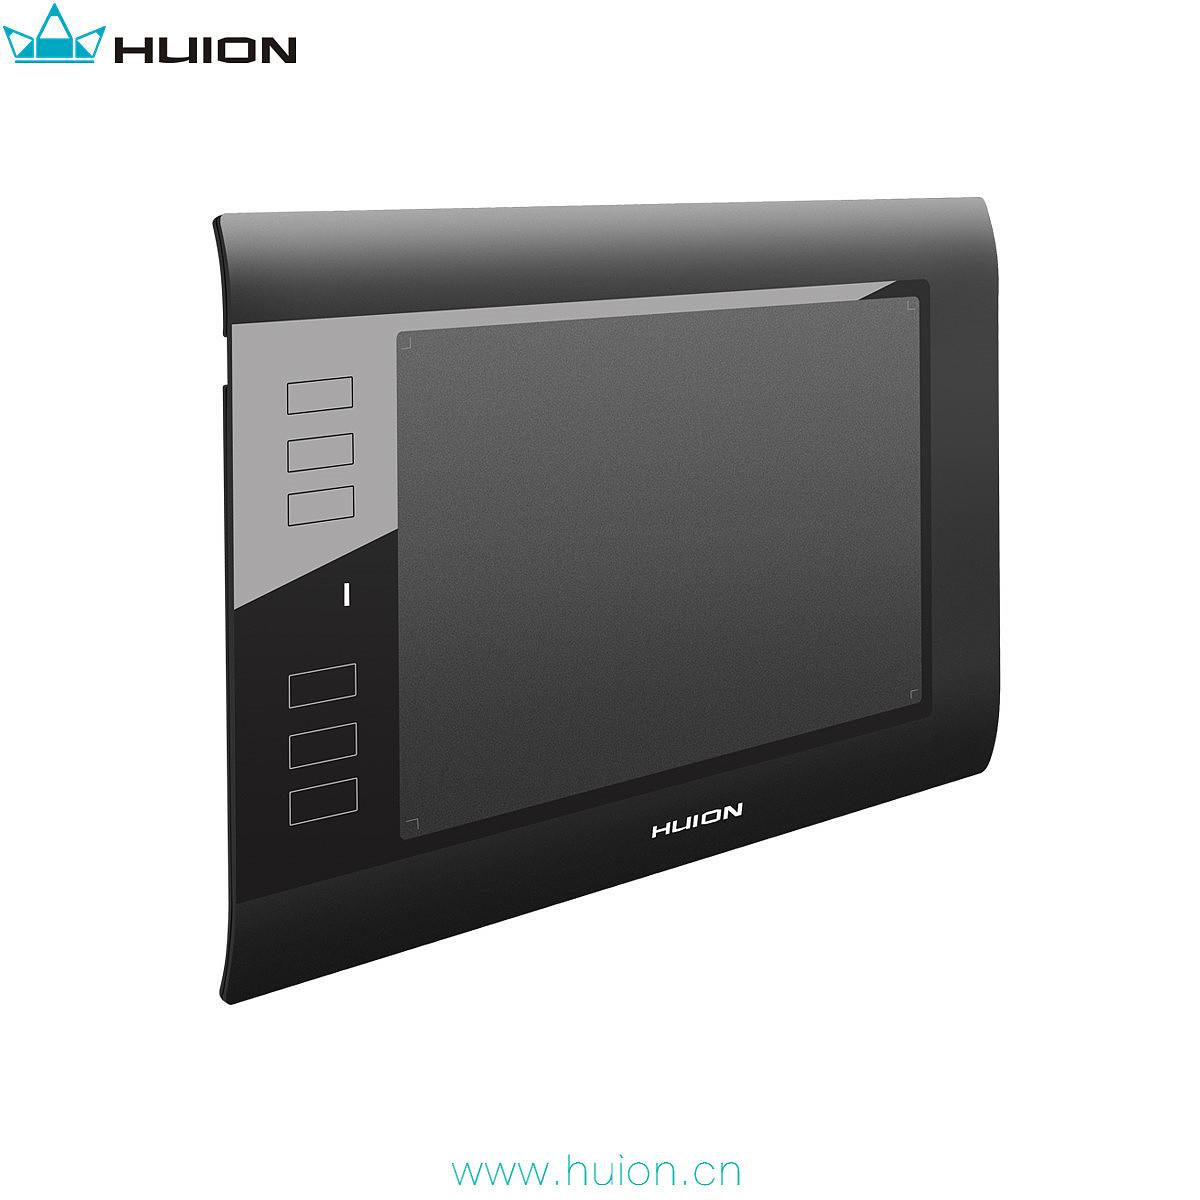 绘王h58l数位板照片|huion手绘板图片|画图板产品设计